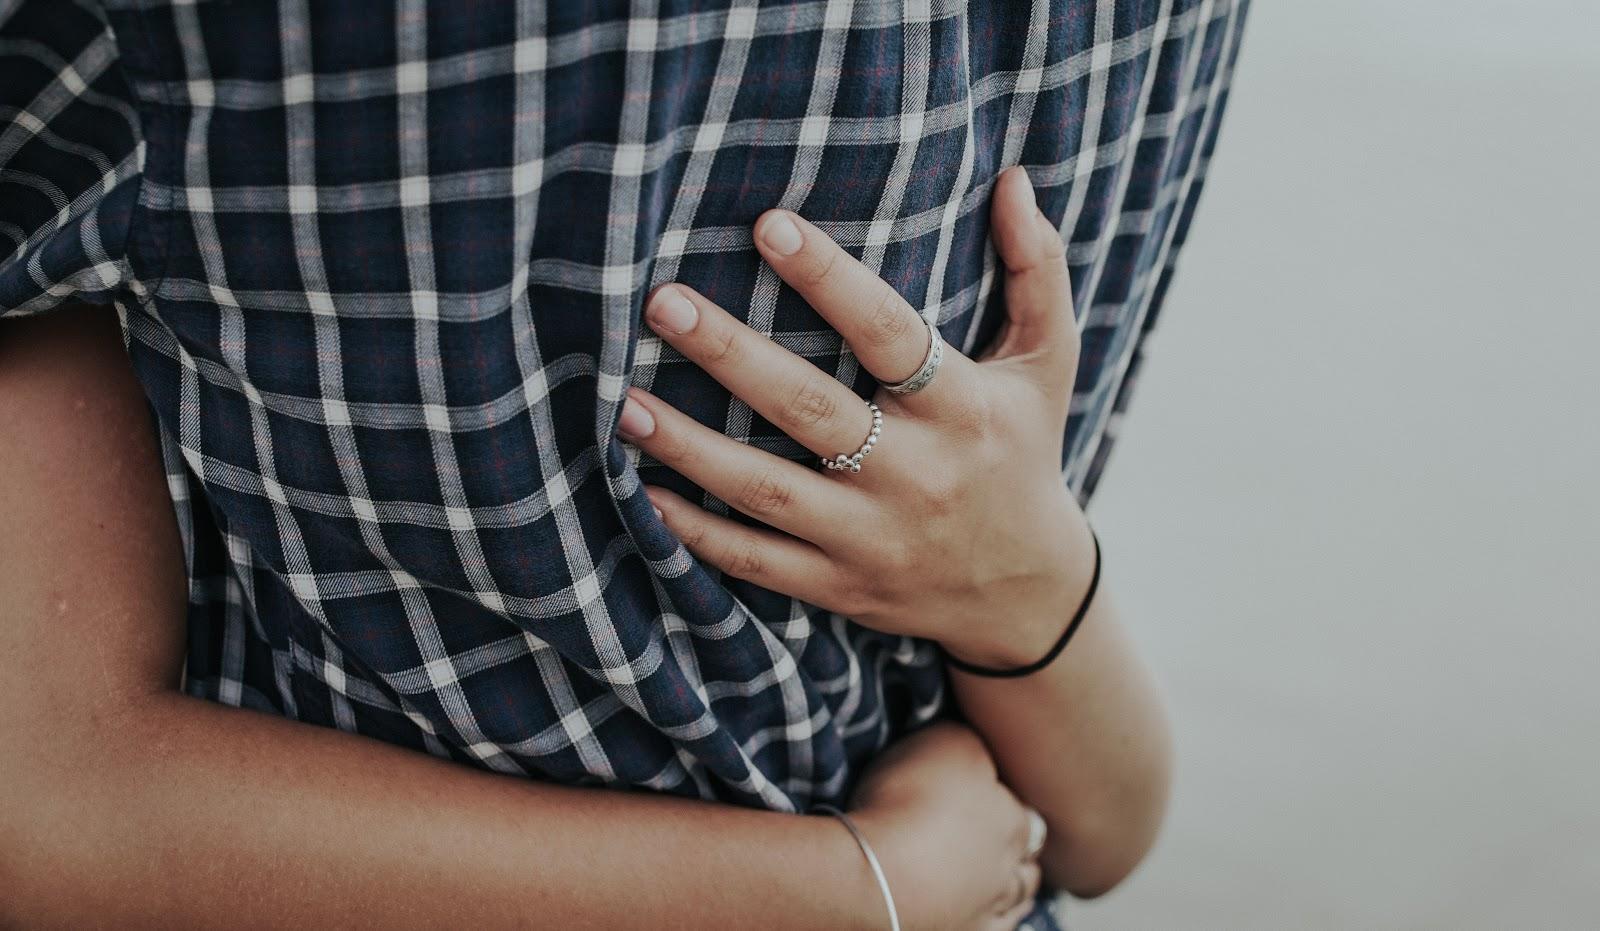 抱擁する男性の腰と女性の手